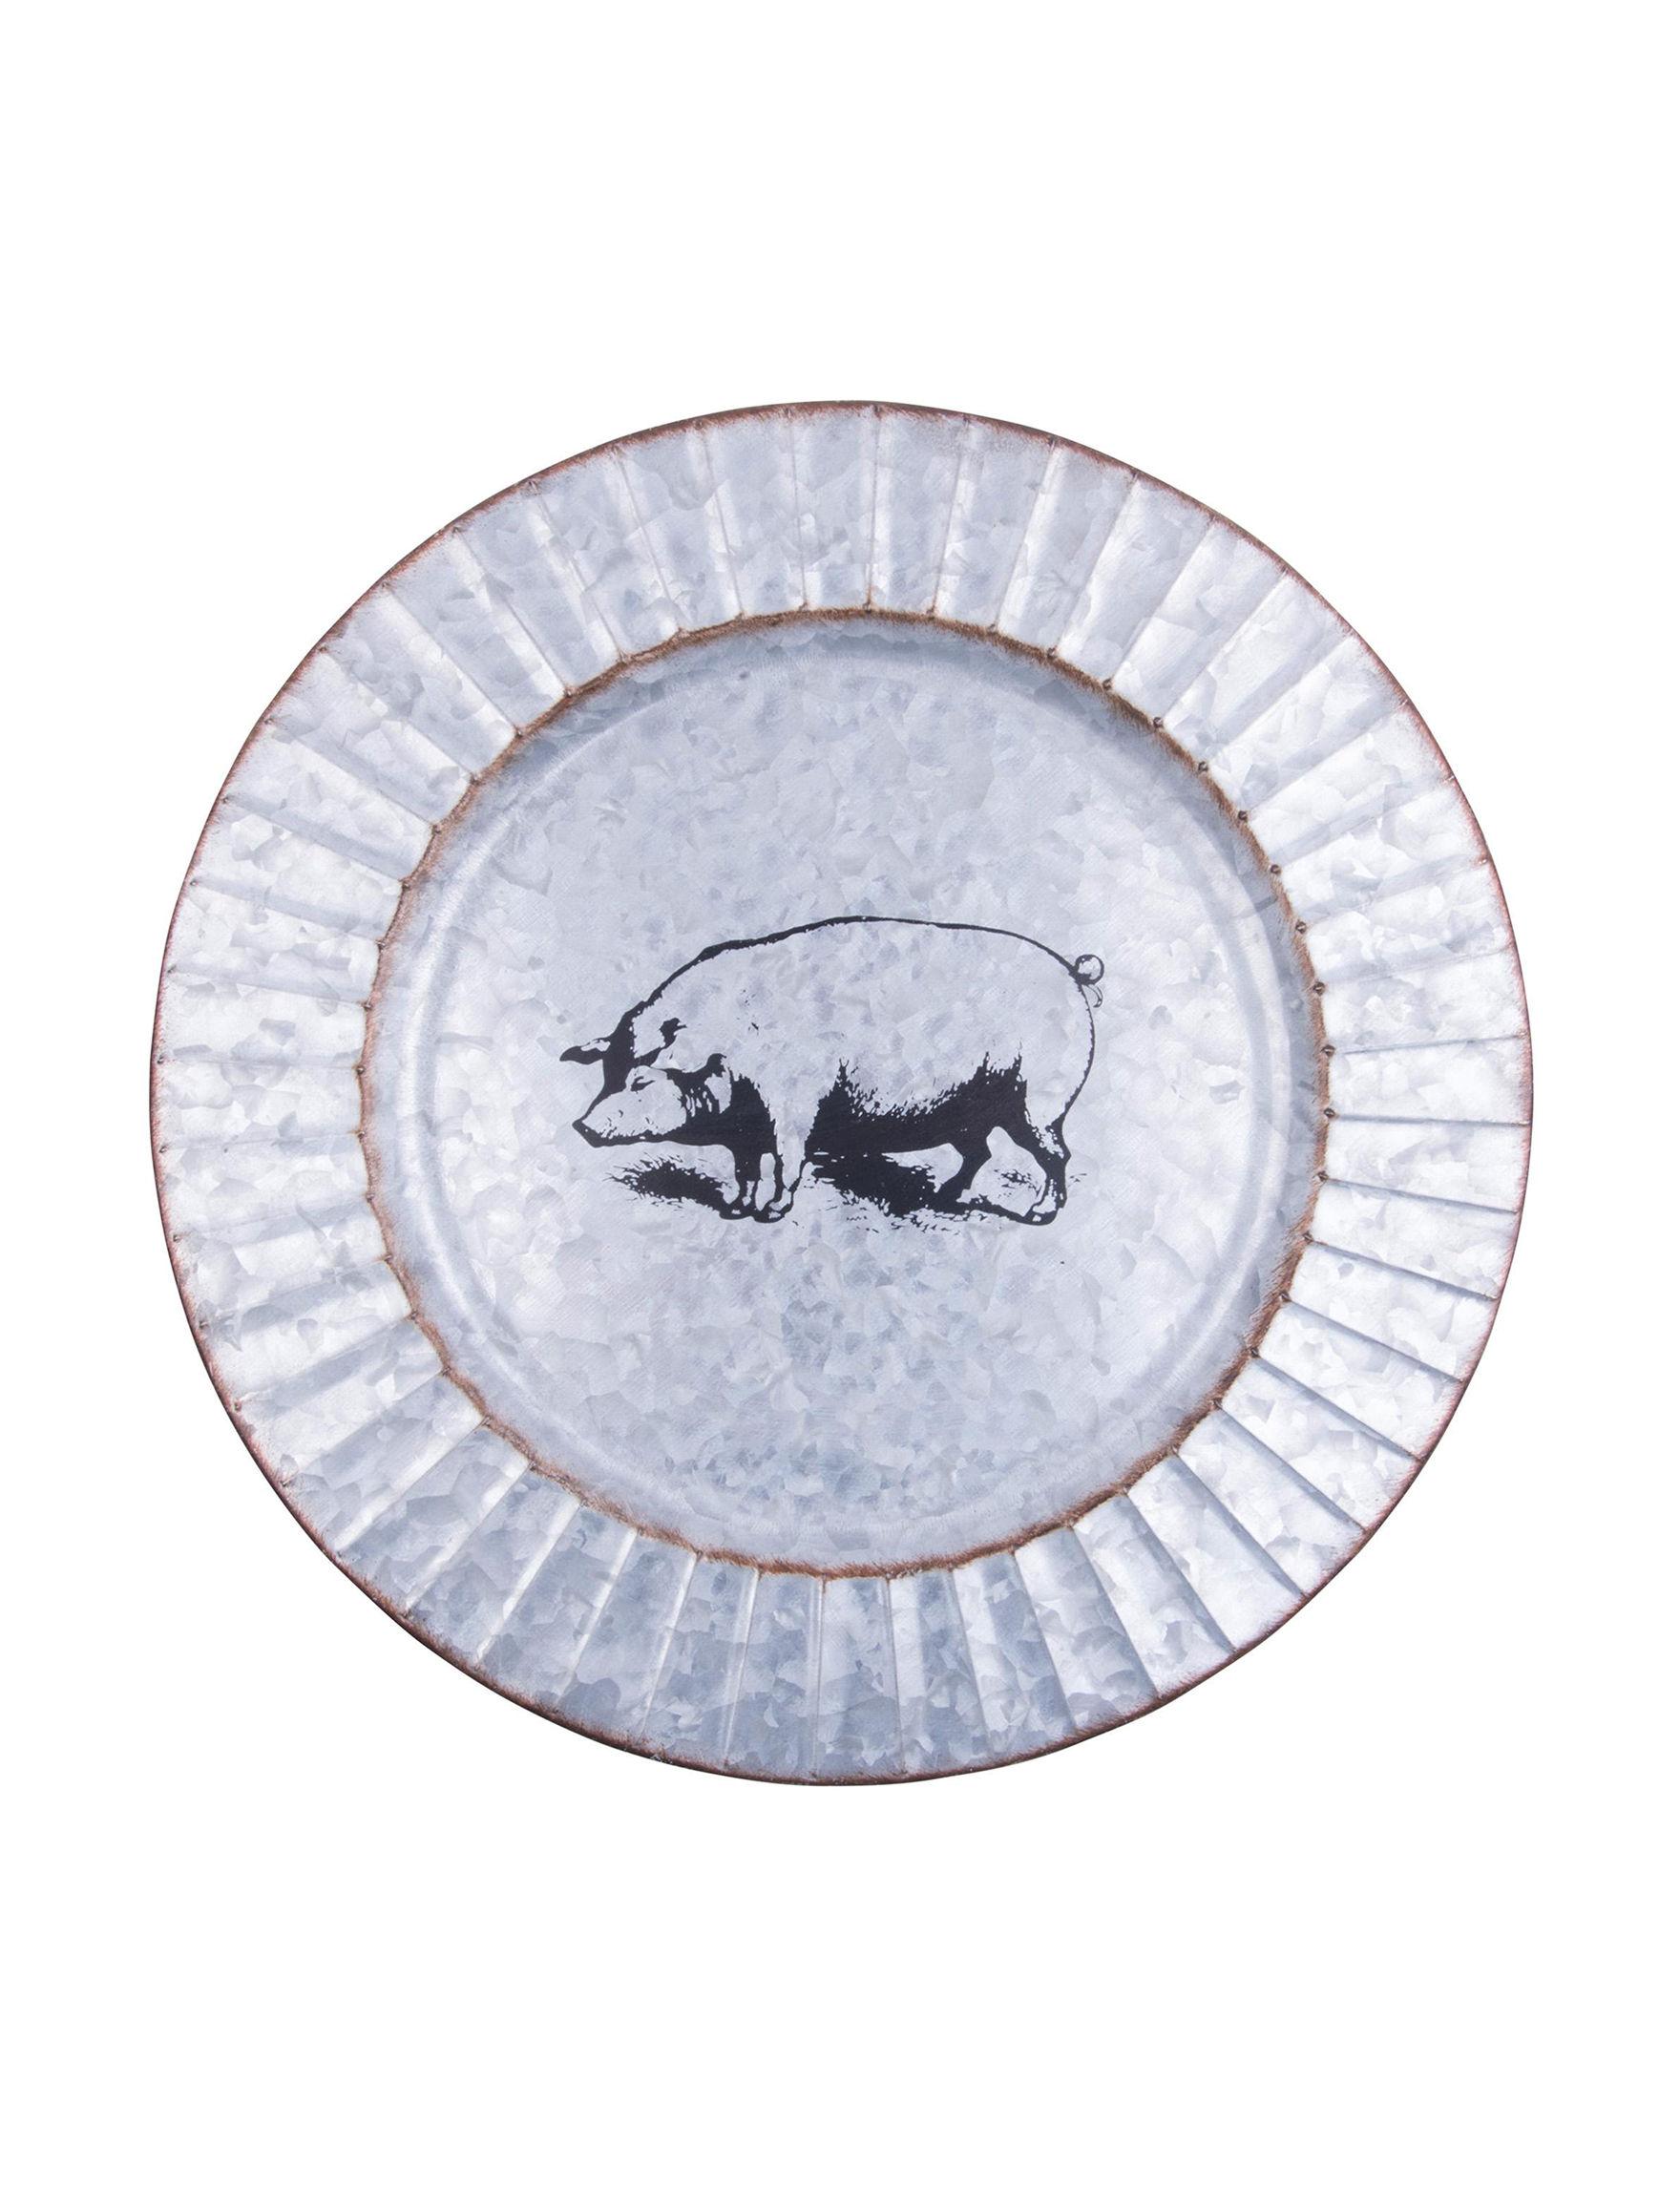 Home Essentials Silver / Brown Serveware